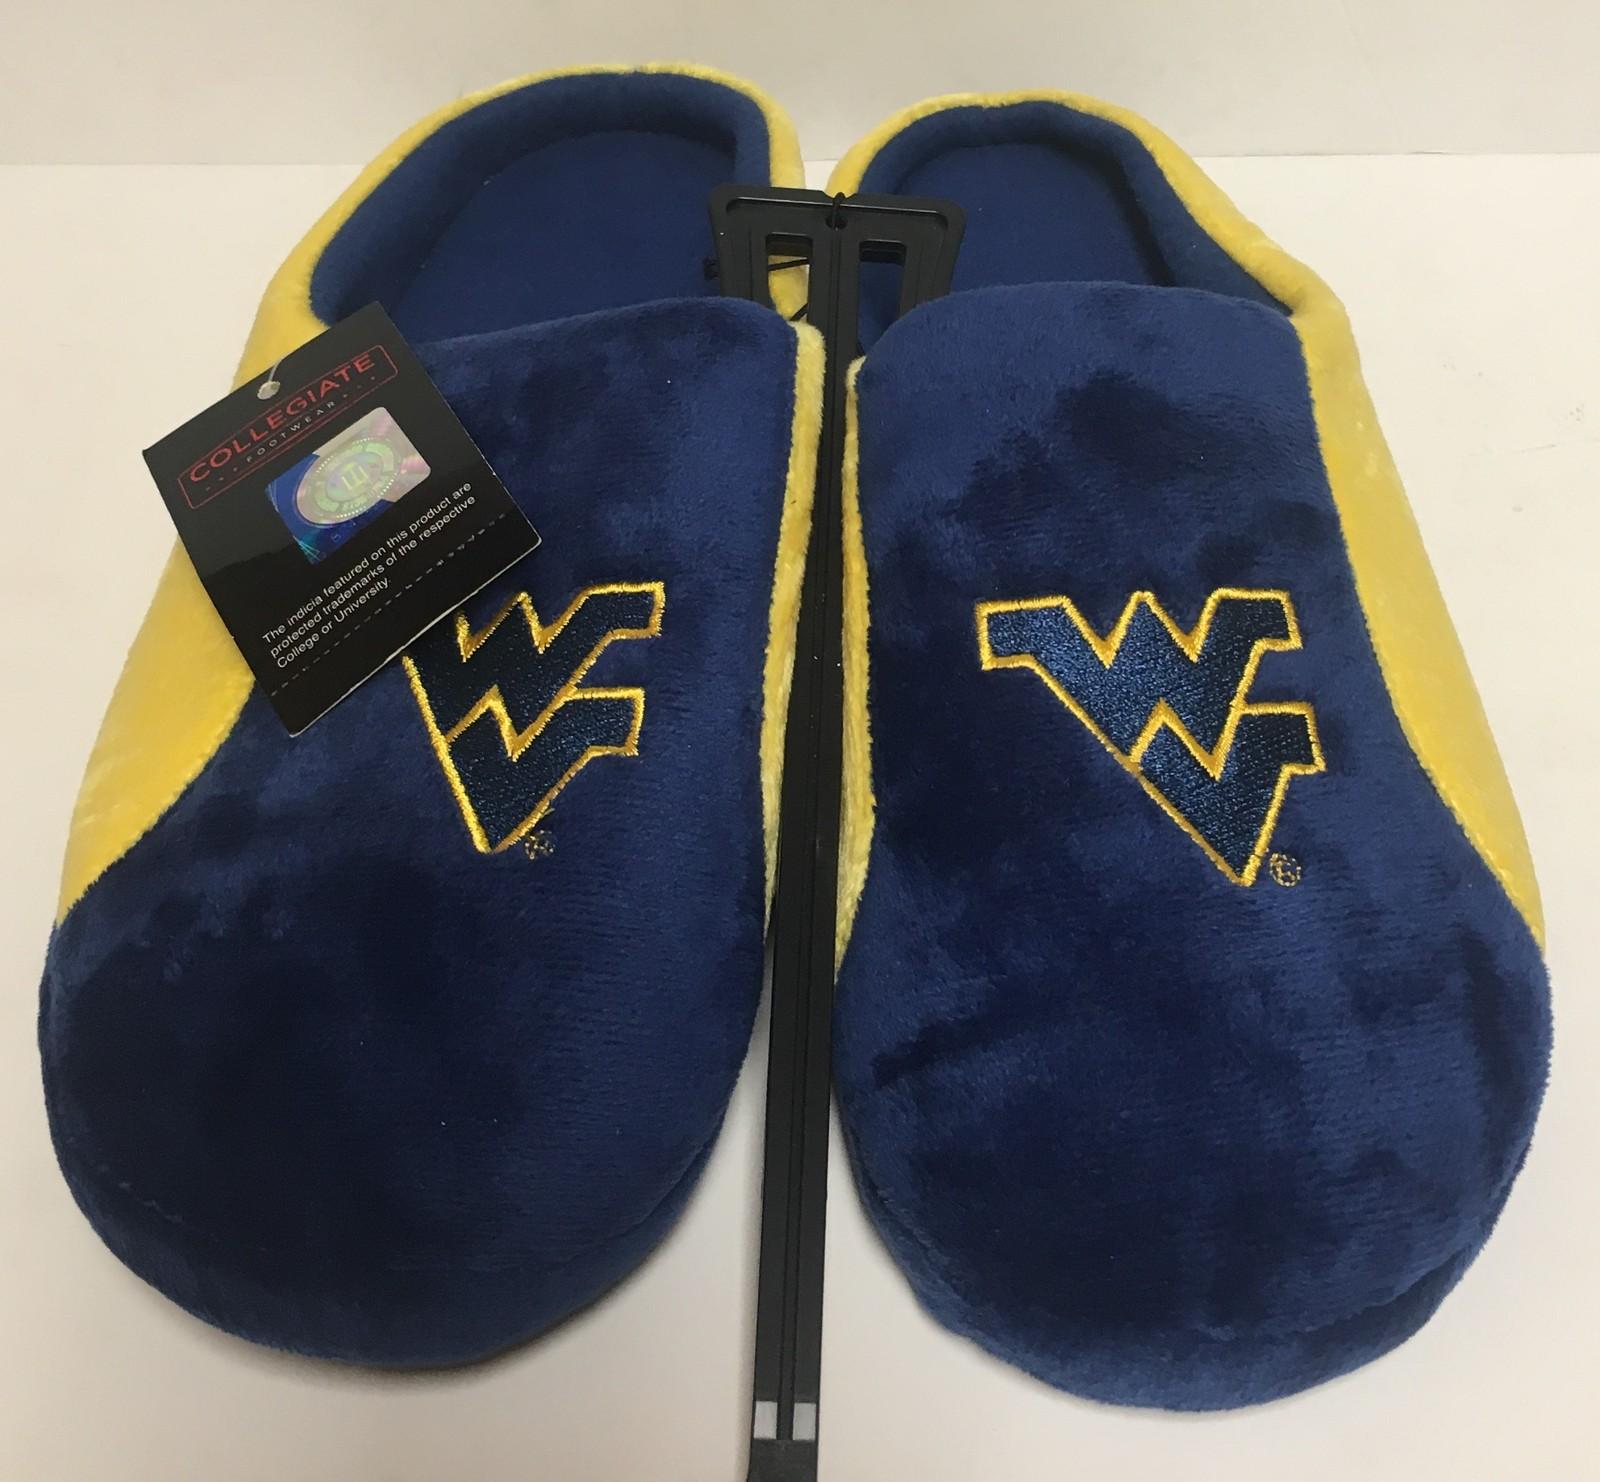 West Virginia Men's Cushion Memory Soles Slippers Shoe Sz L (11-12) image 2